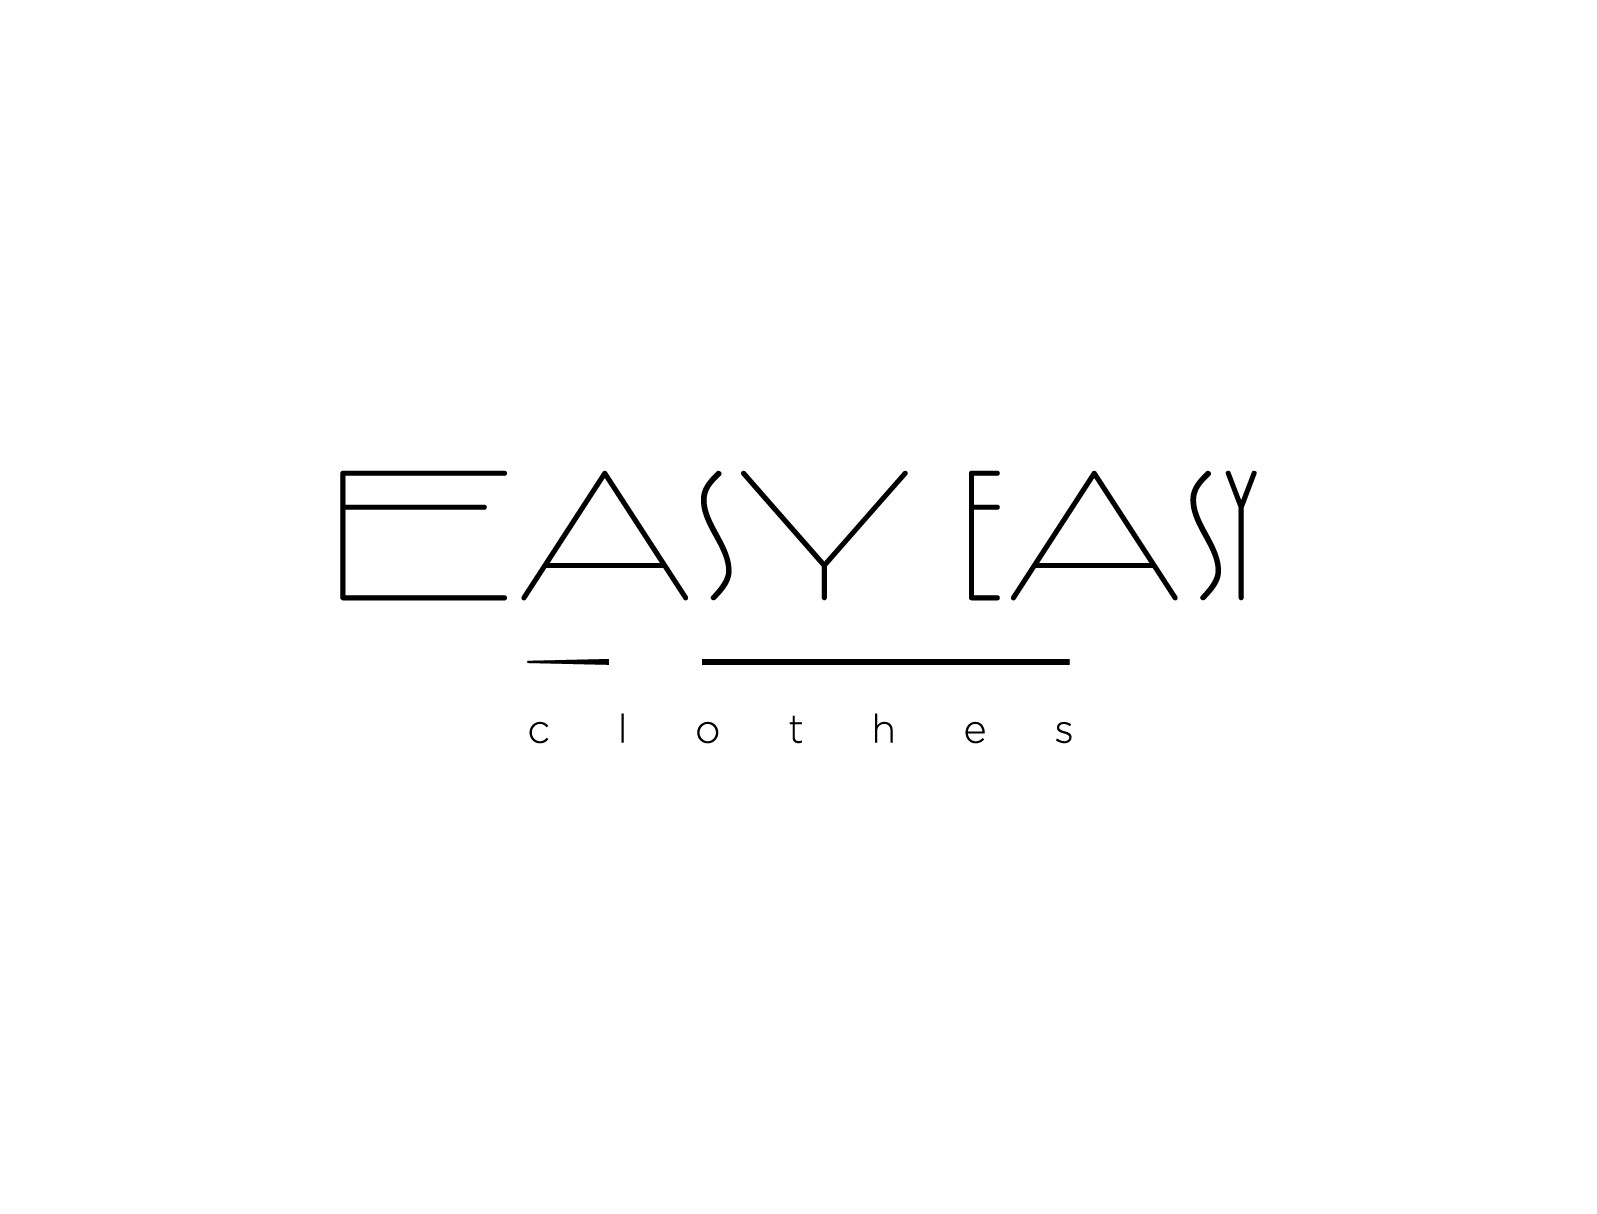 EASY EASY logo